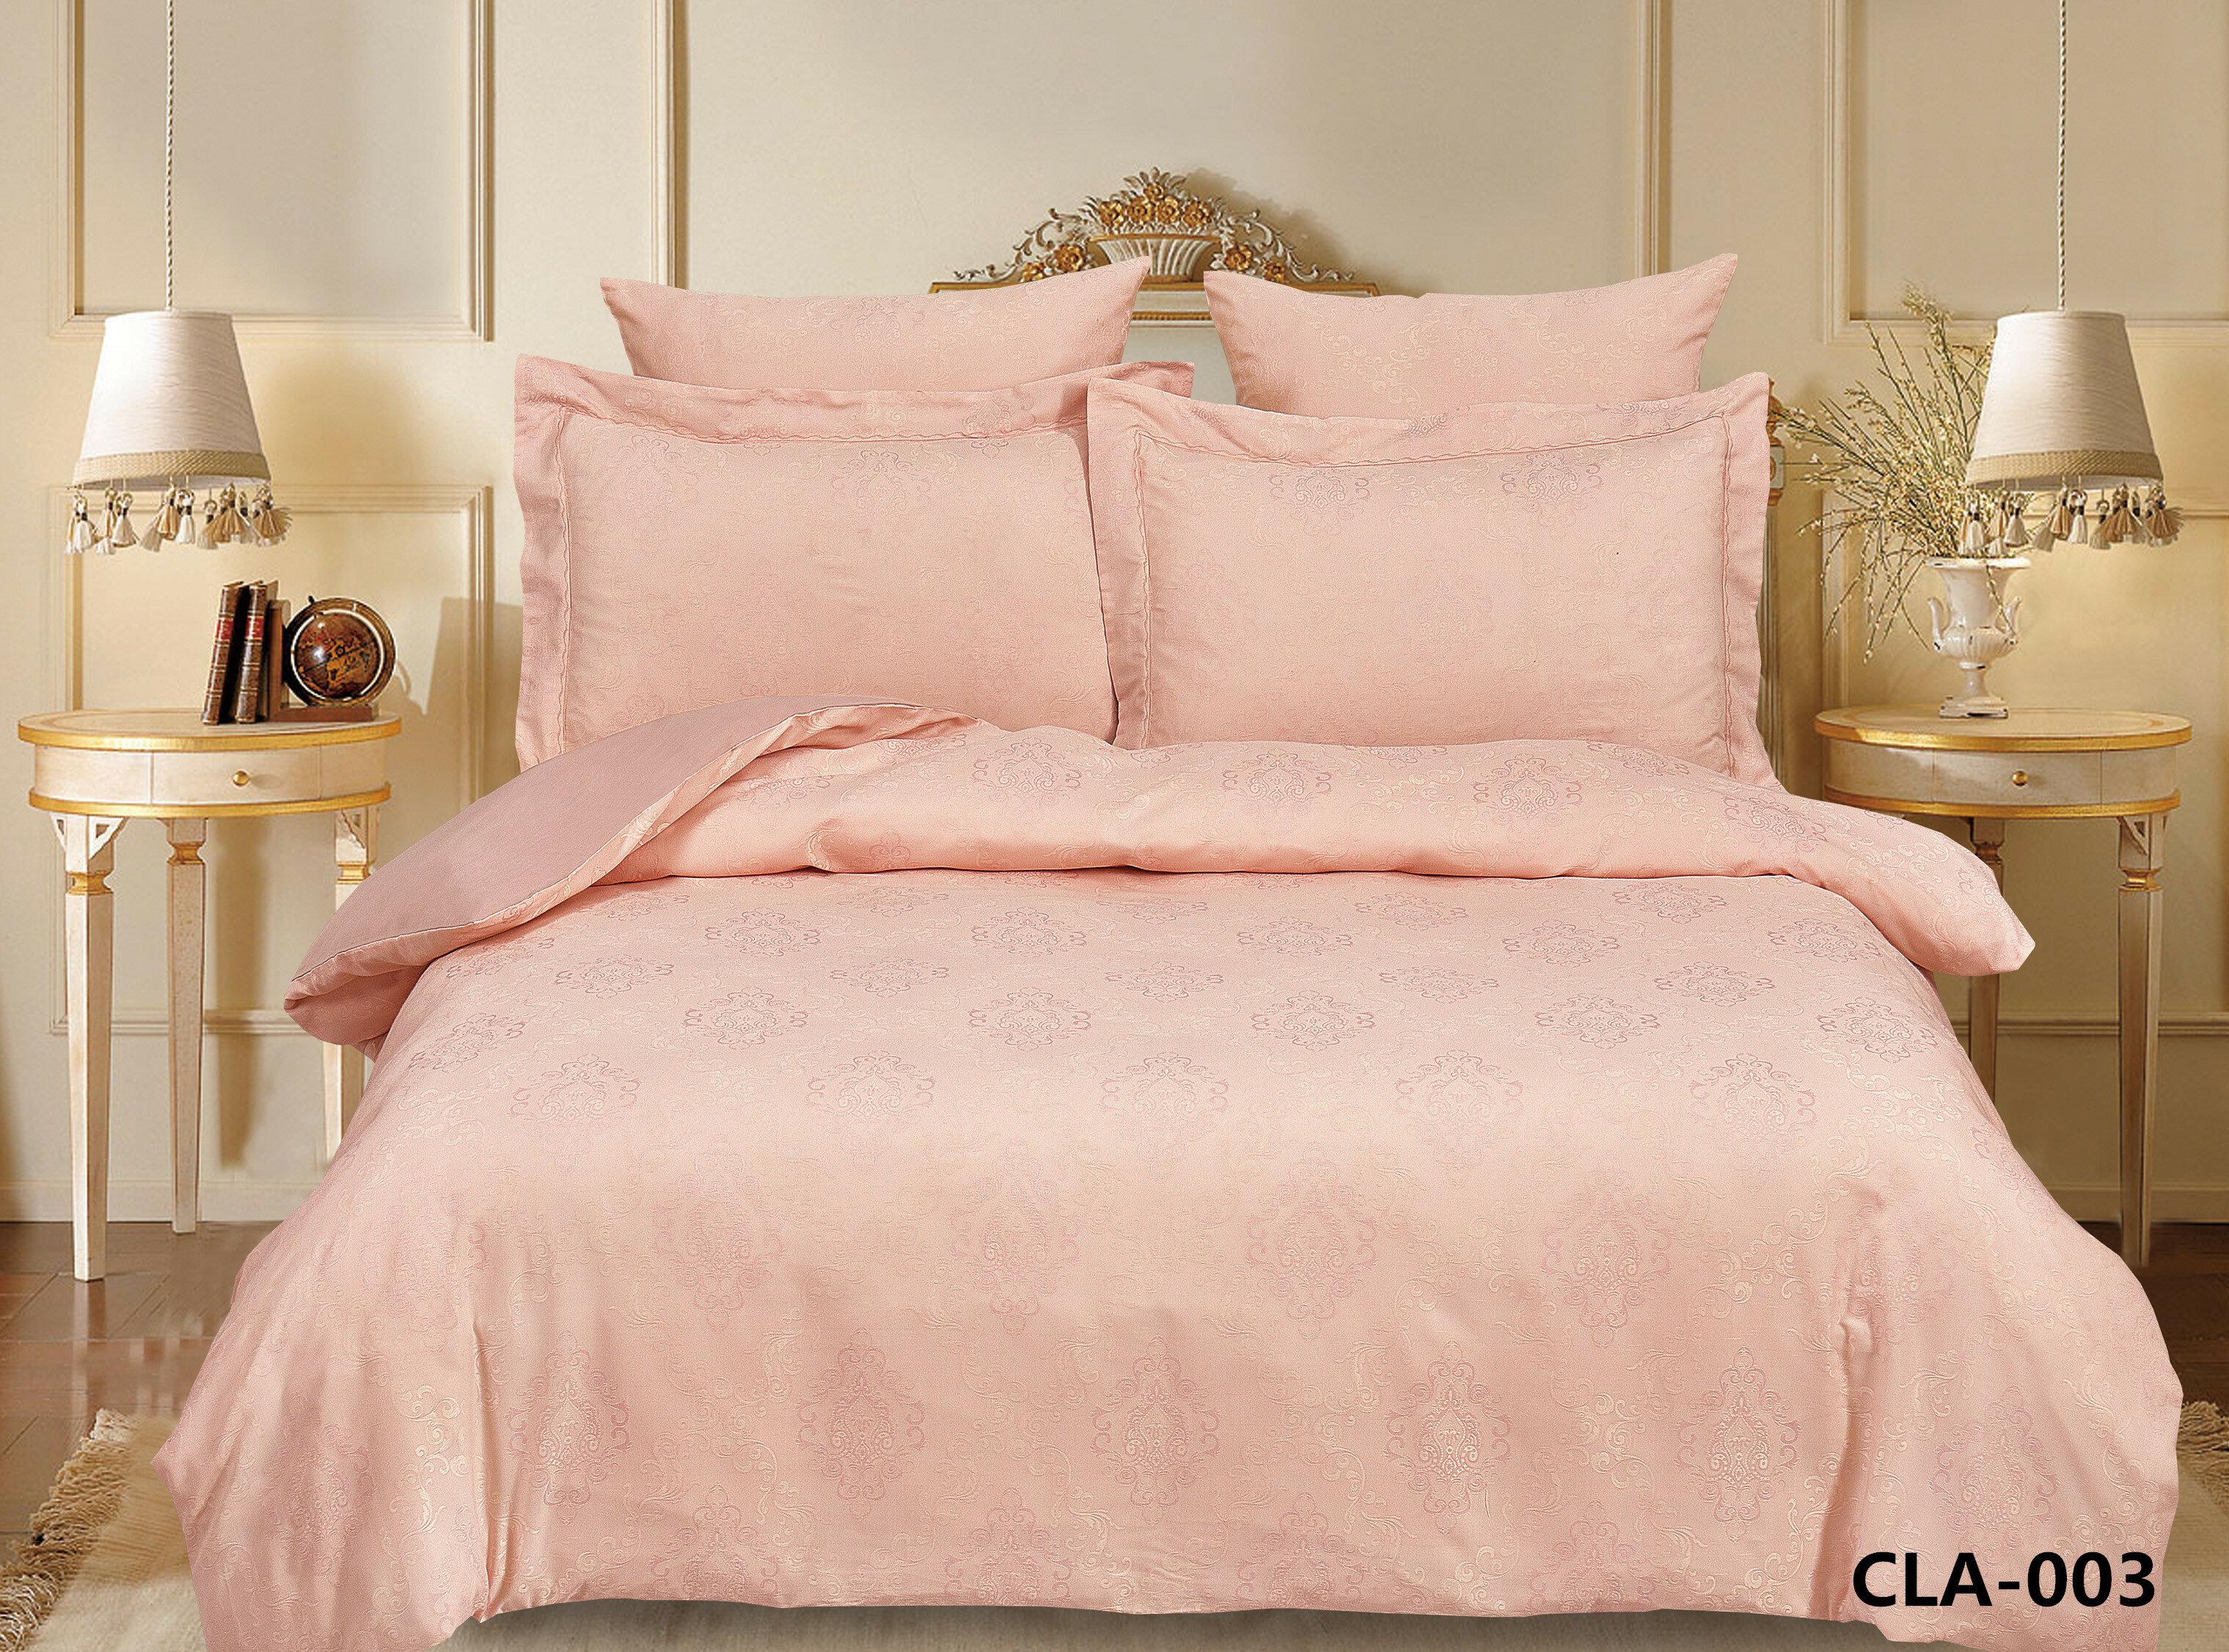 Комплект постельного белья Постельное белье, жаккард, евро, Альвитек